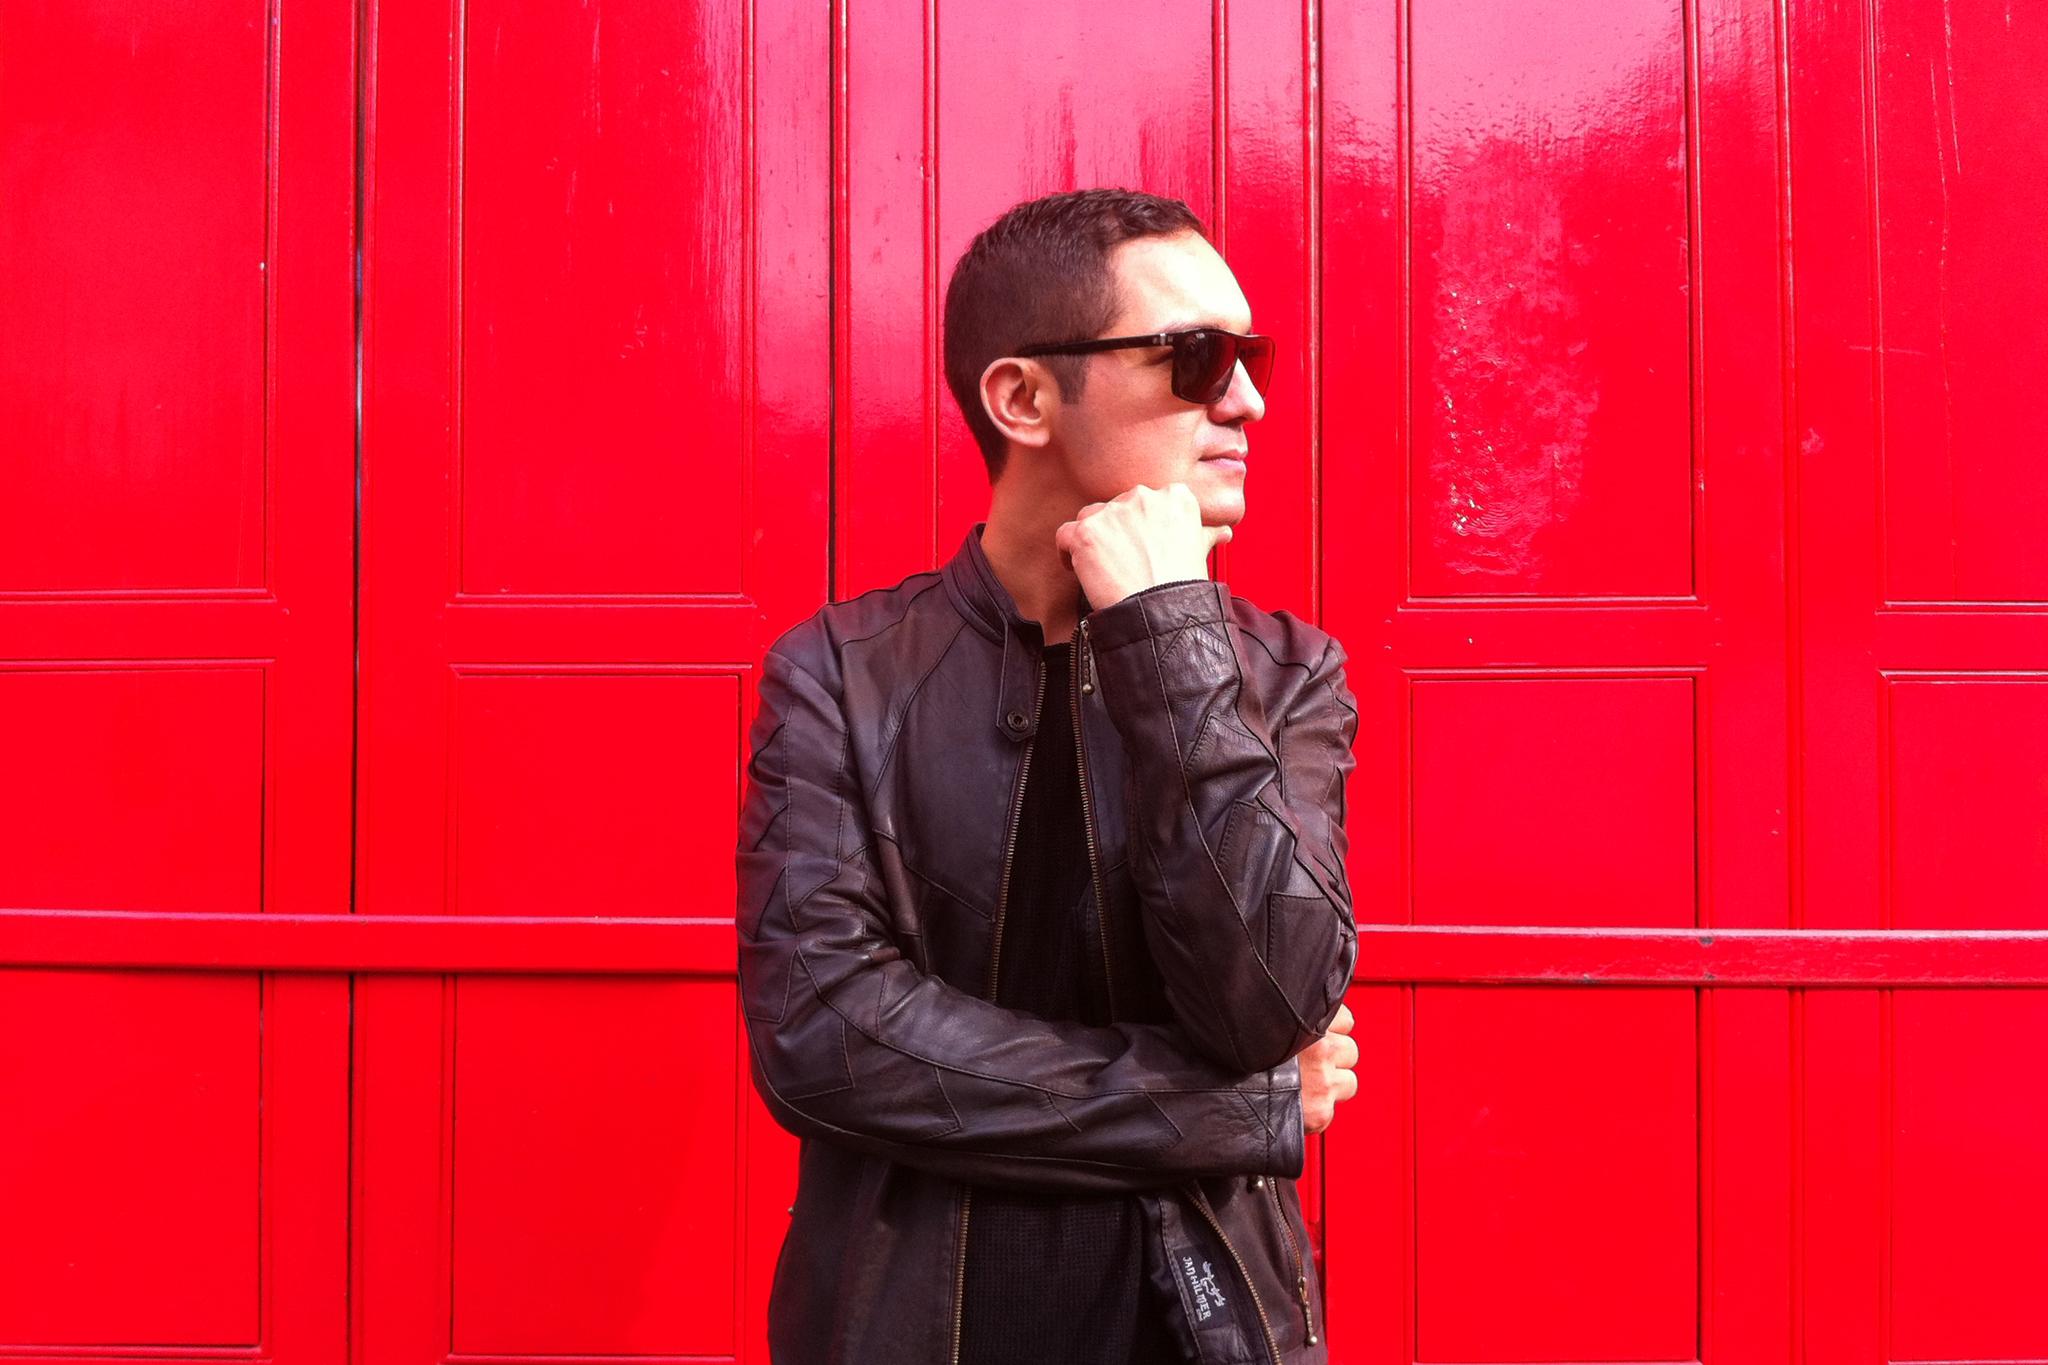 DJ mix: Alexi Delano and Adultnapper